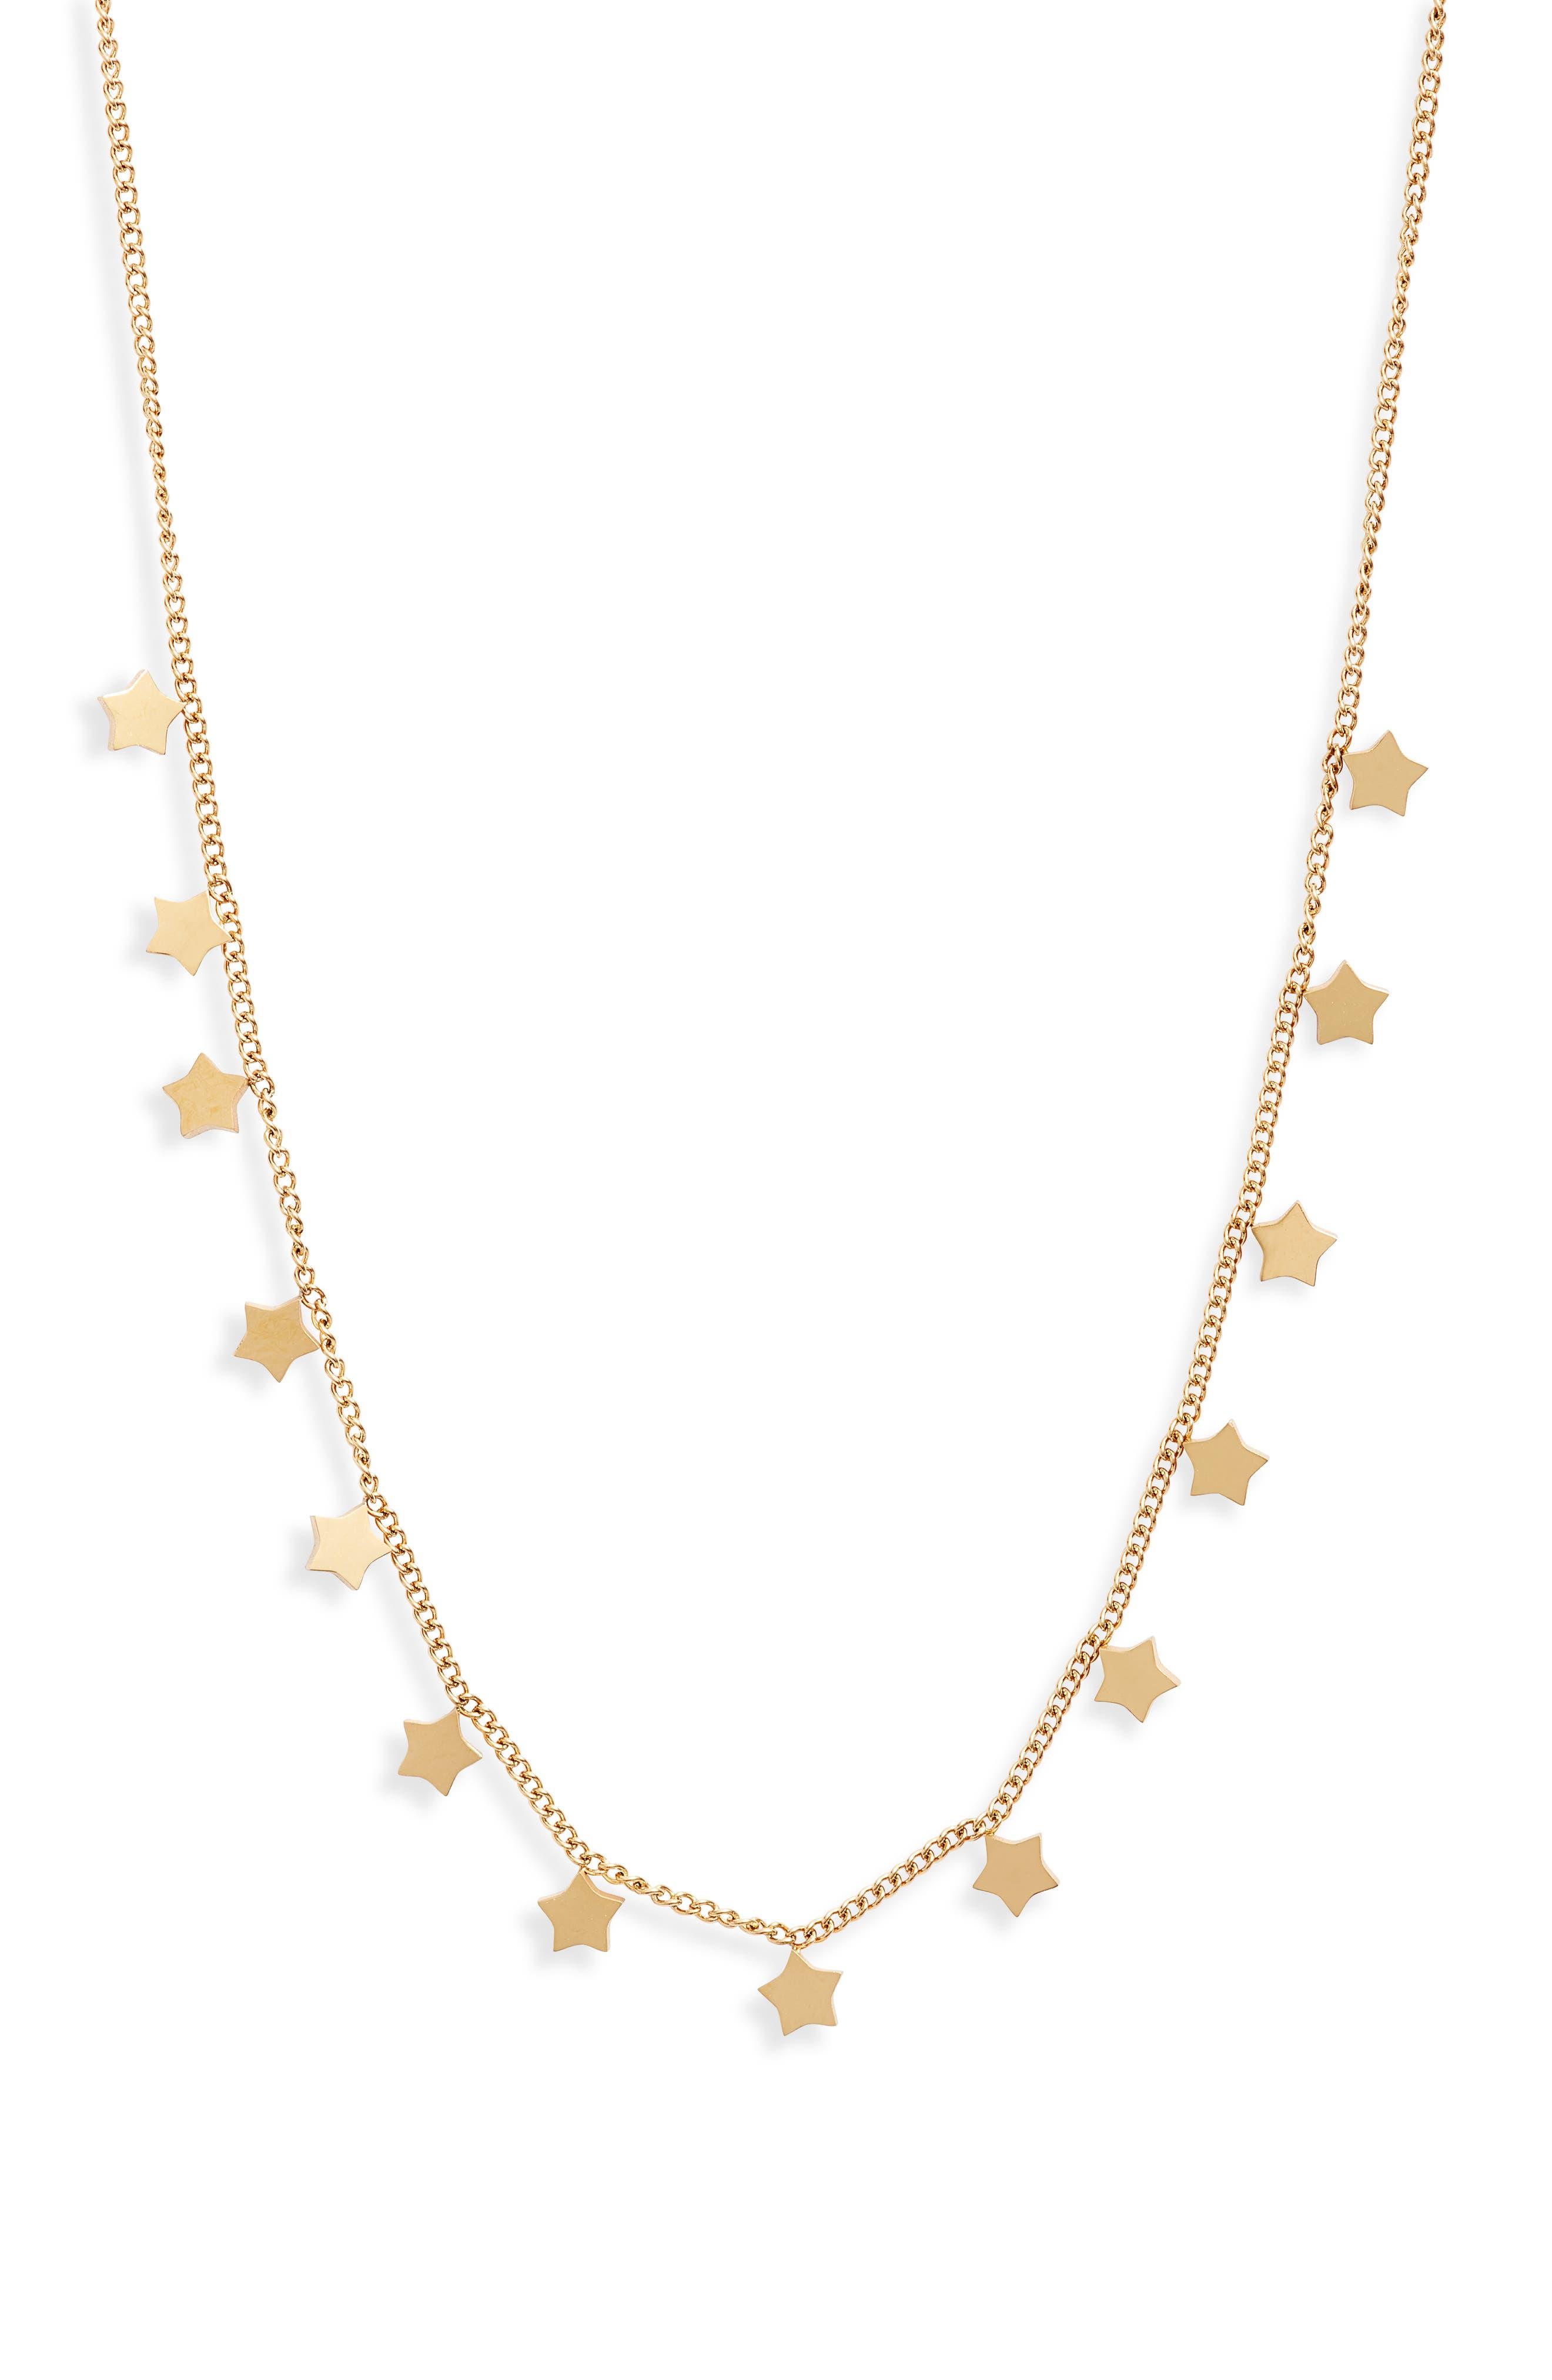 Starshine Necklace